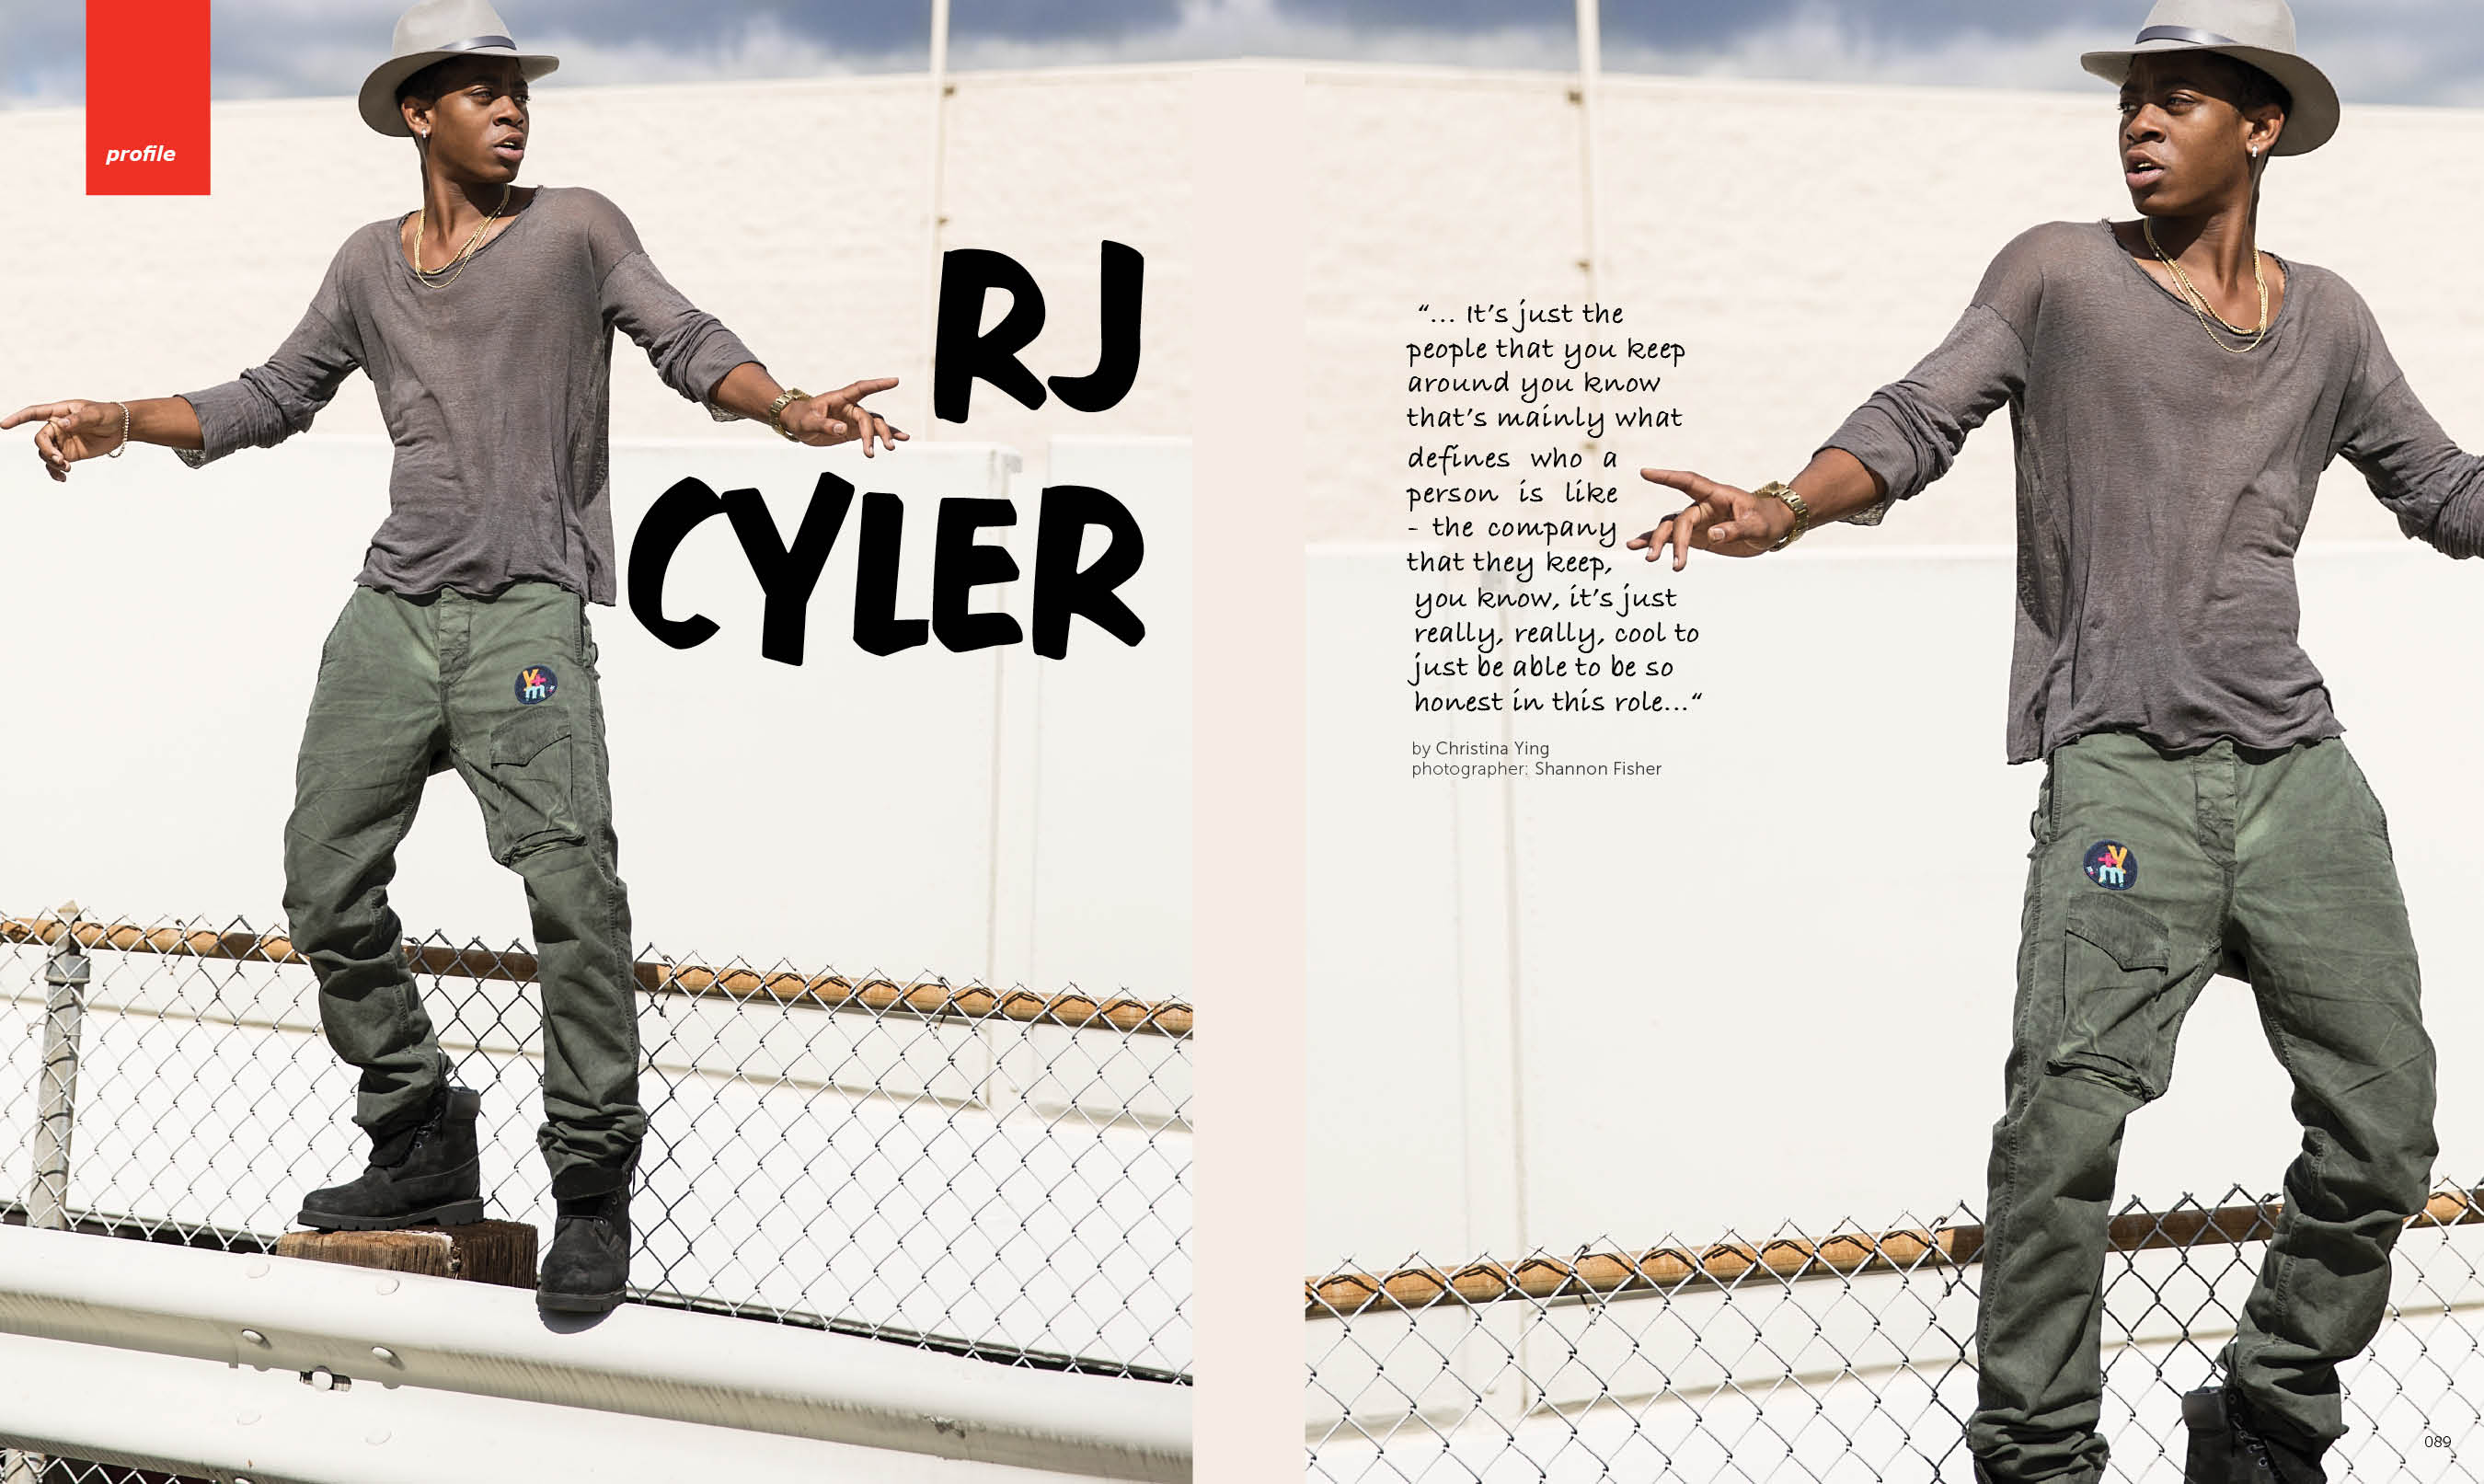 RJCyler